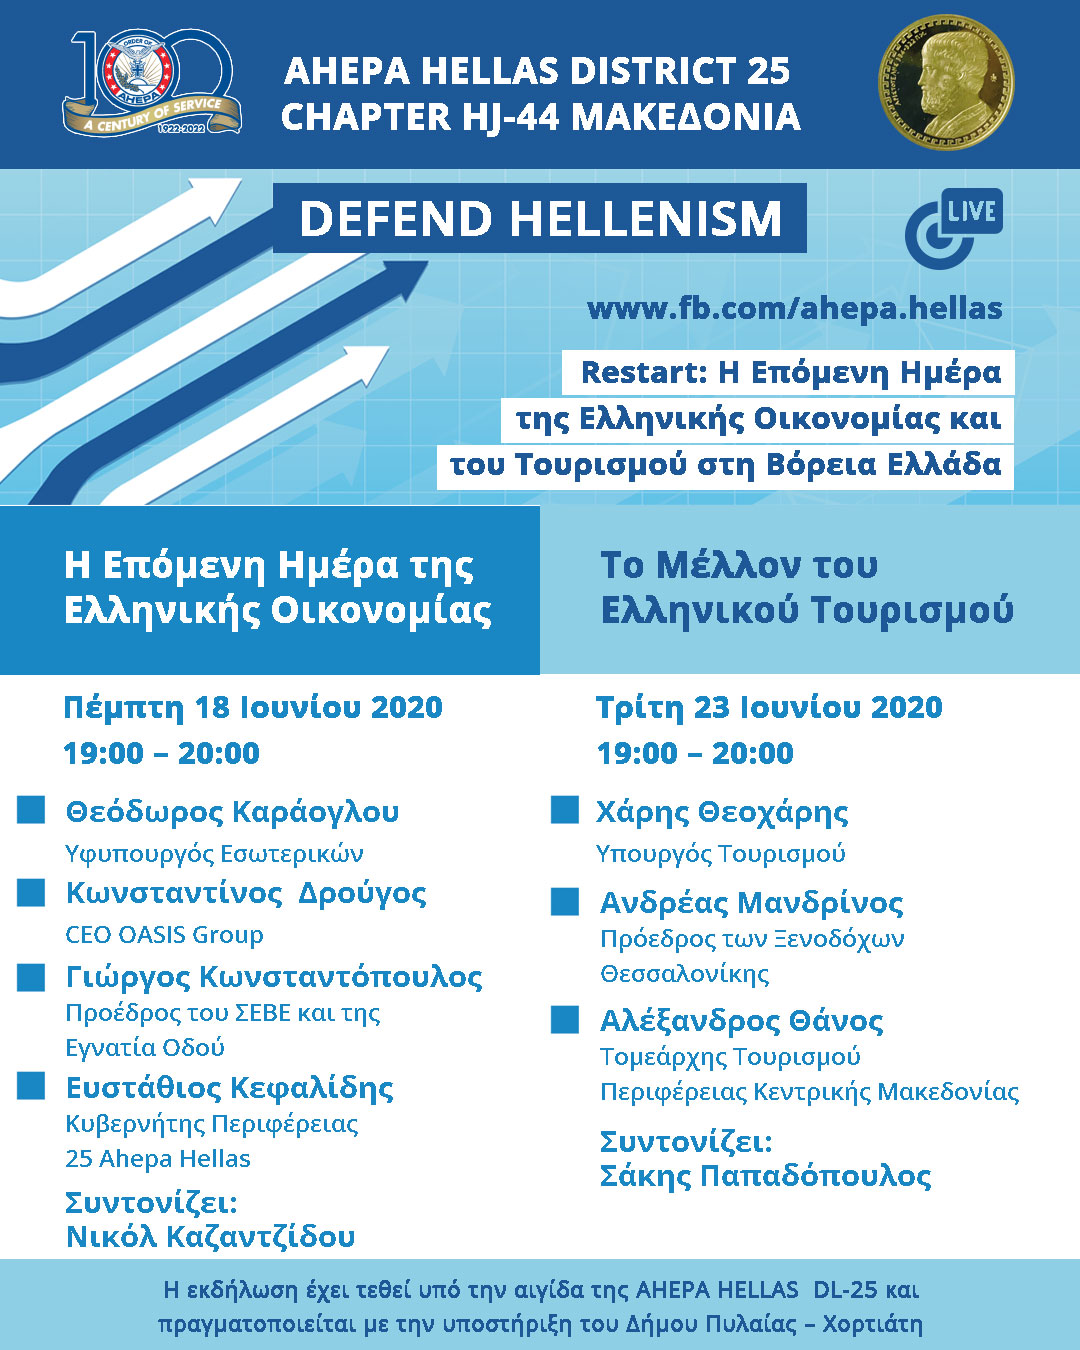 Η-Επόμενη-Ημέρα-της-Ελληνικής-Οικονομίας-και-του-Τουρισμού-στη-Βόρεια-Ελλάδα